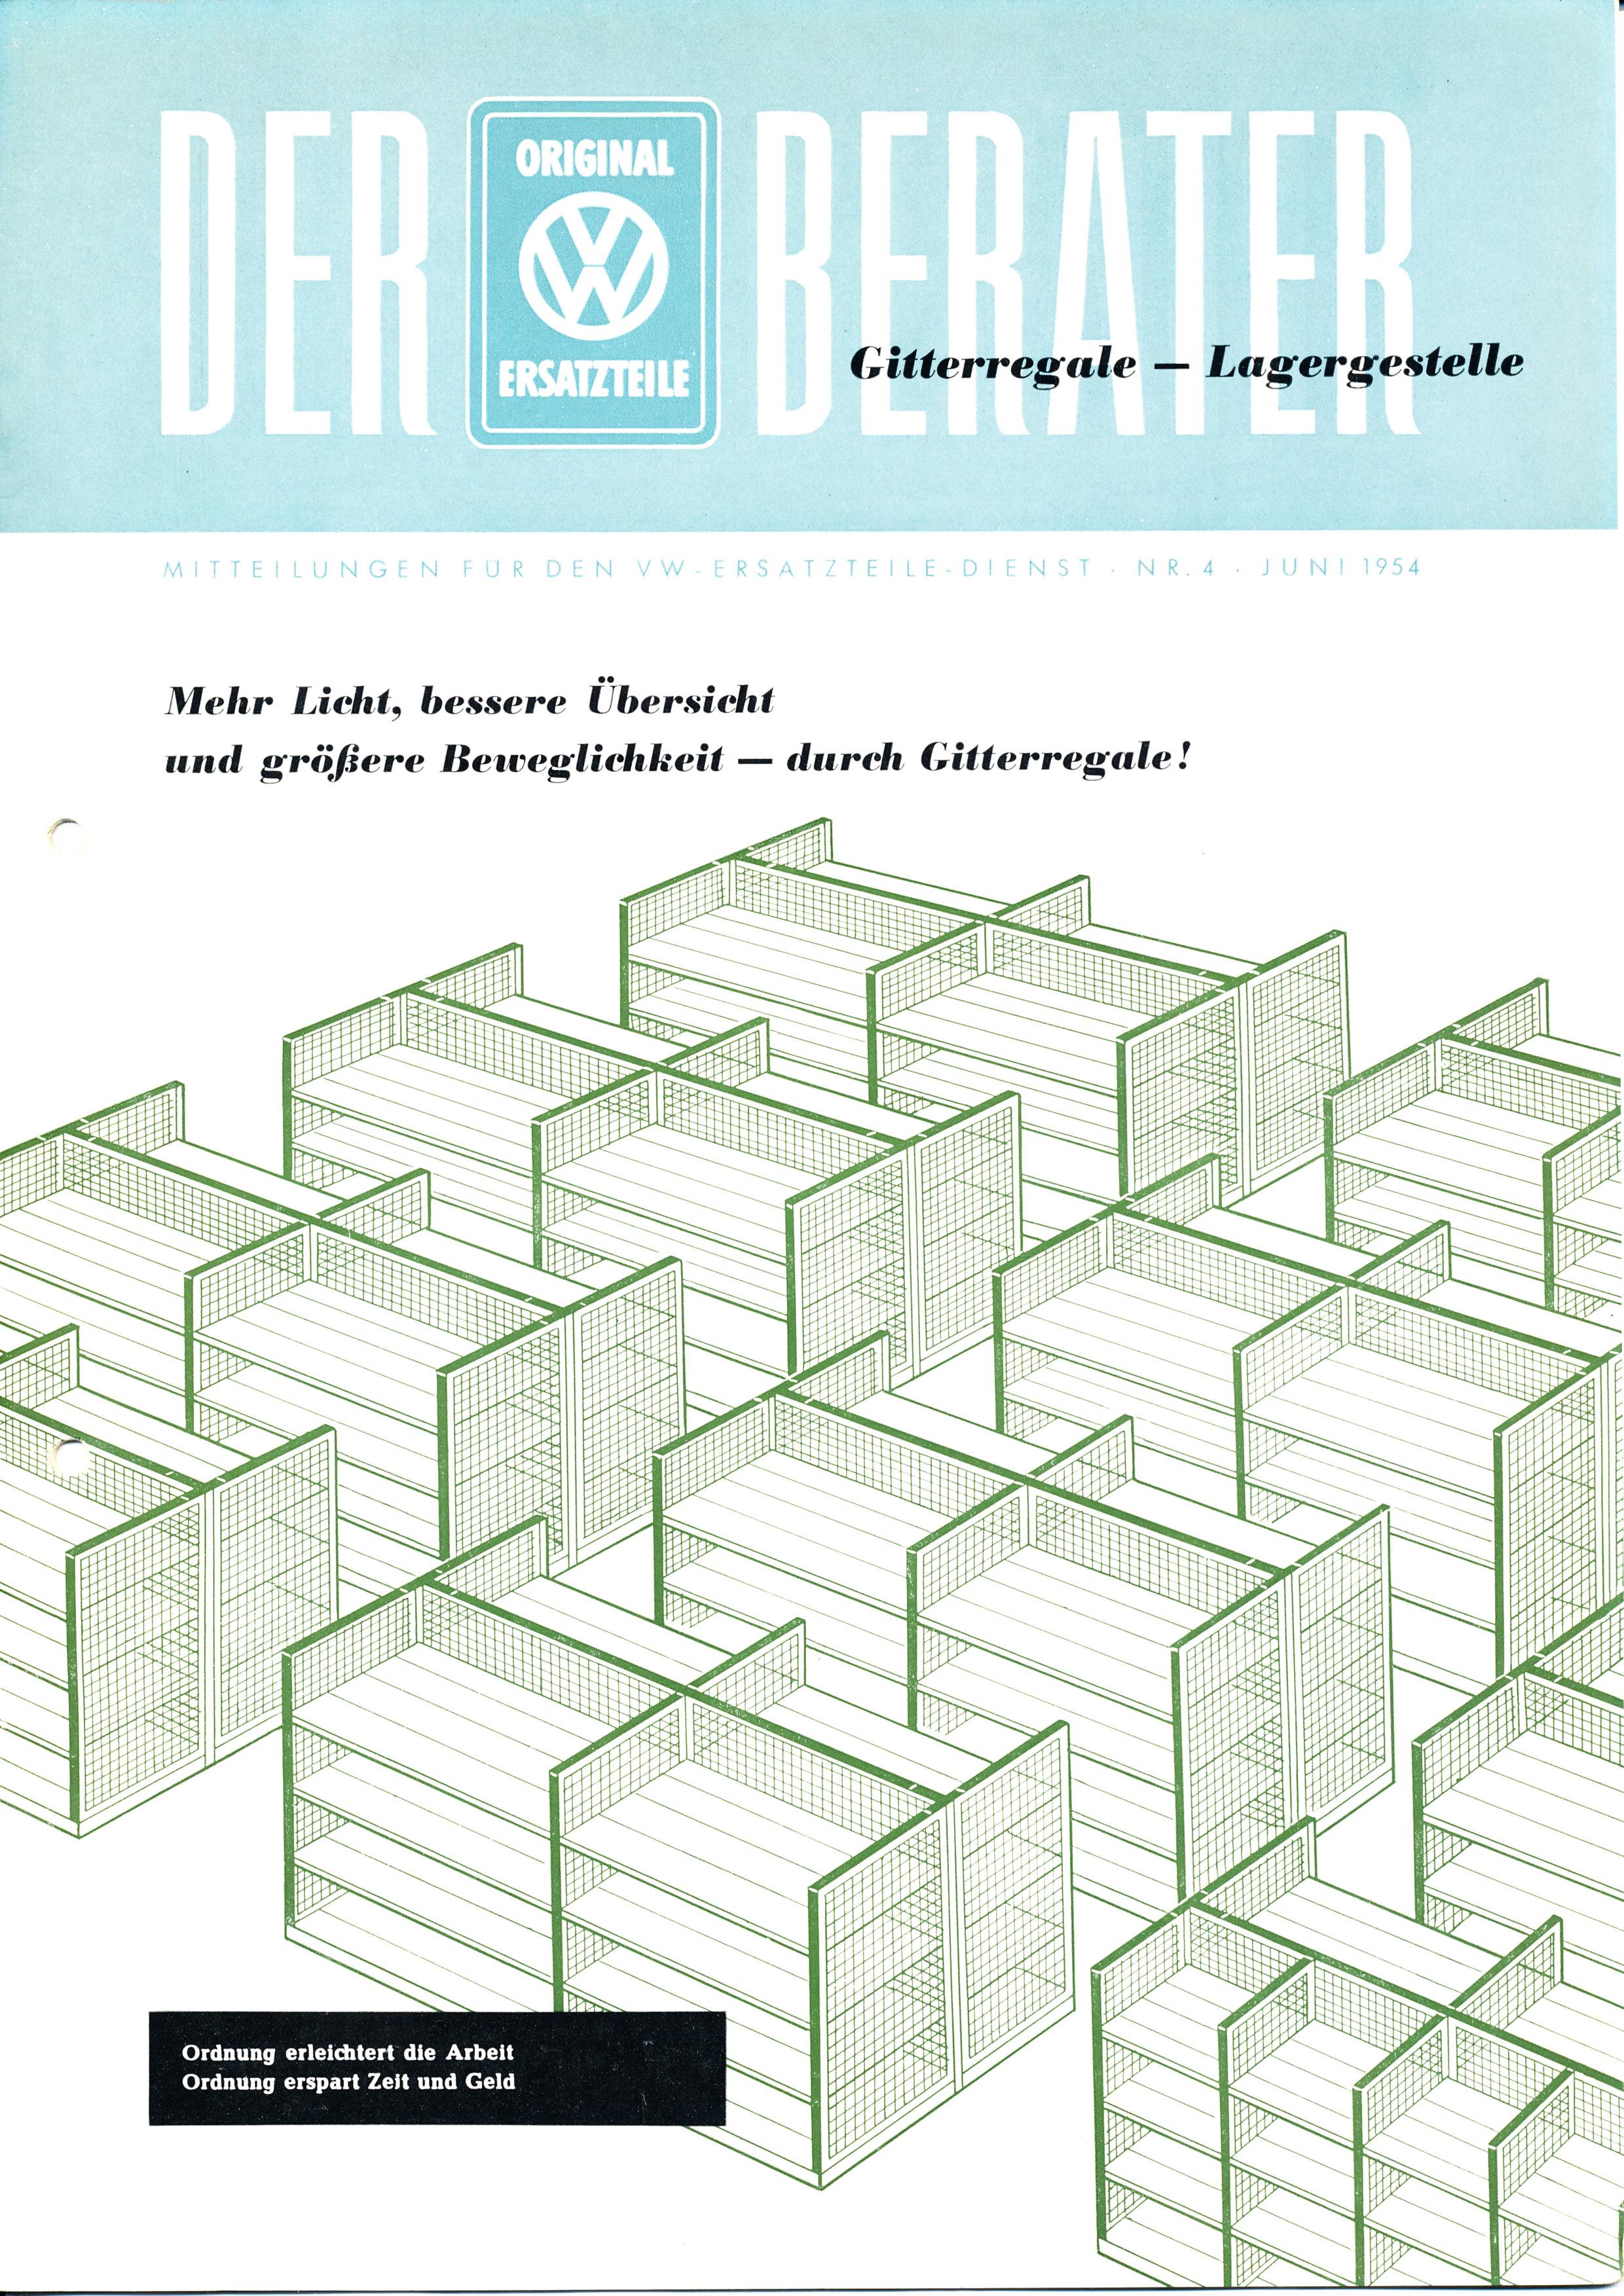 Erfreut Modulare Elektrische Systeme Galerie - Schaltplan Serie ...